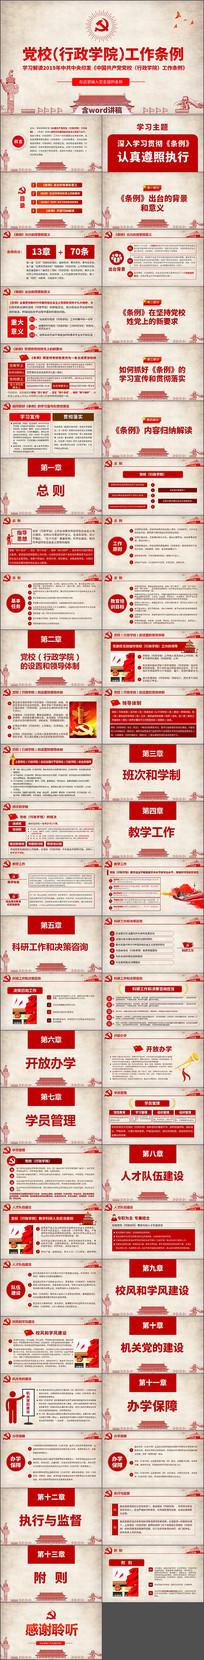 中国共产党党校行政学院工作条例学习解读